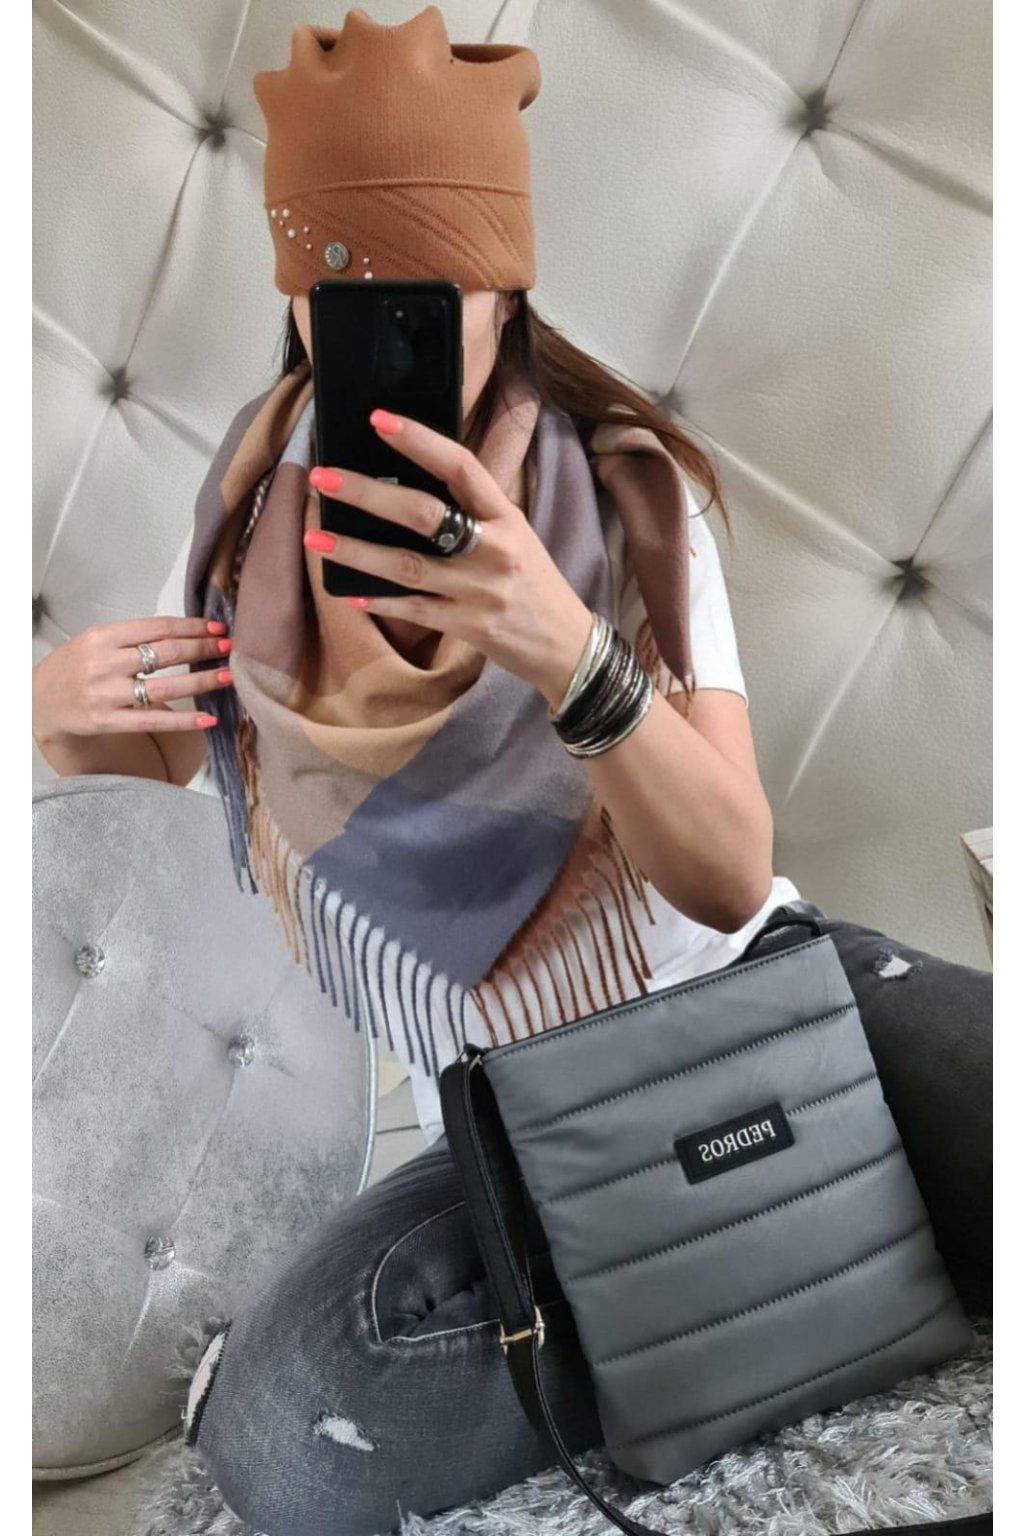 Sladěný set kabelky, šátku a čepice v šedé barvě